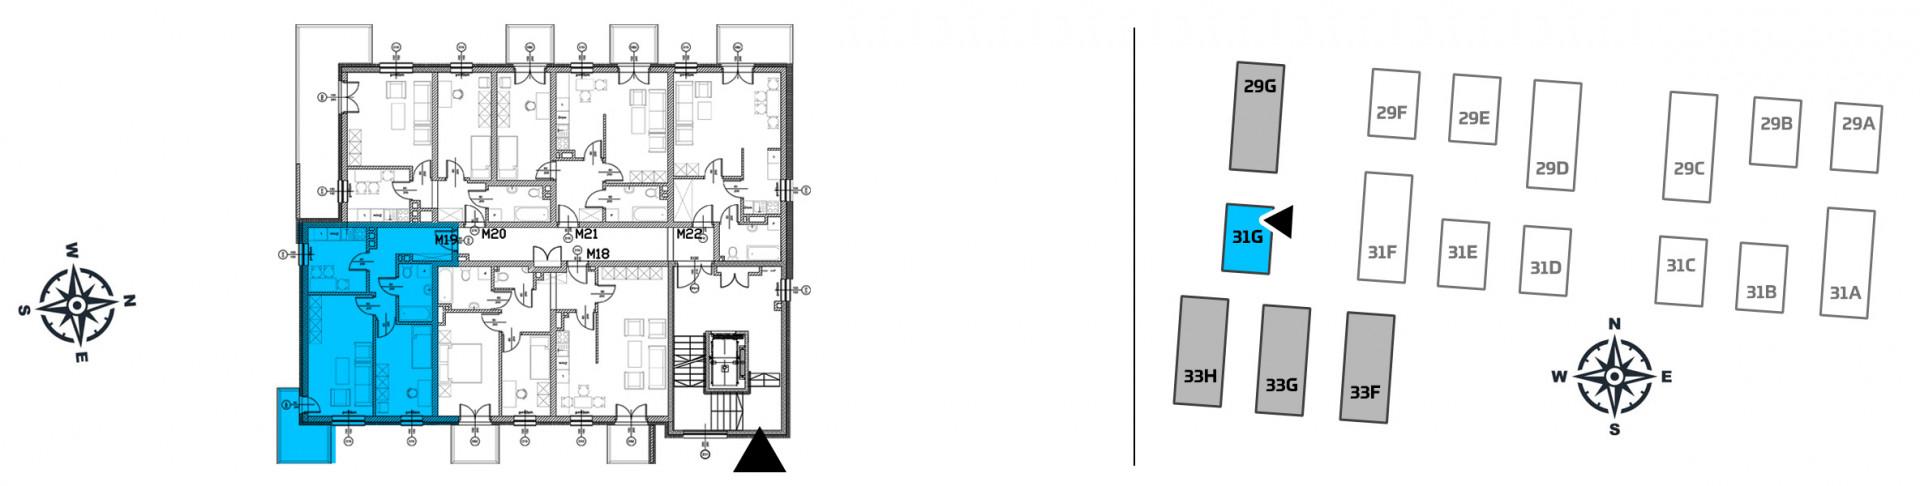 Mieszkanie dwupokojowe 31G/19 rzut 2